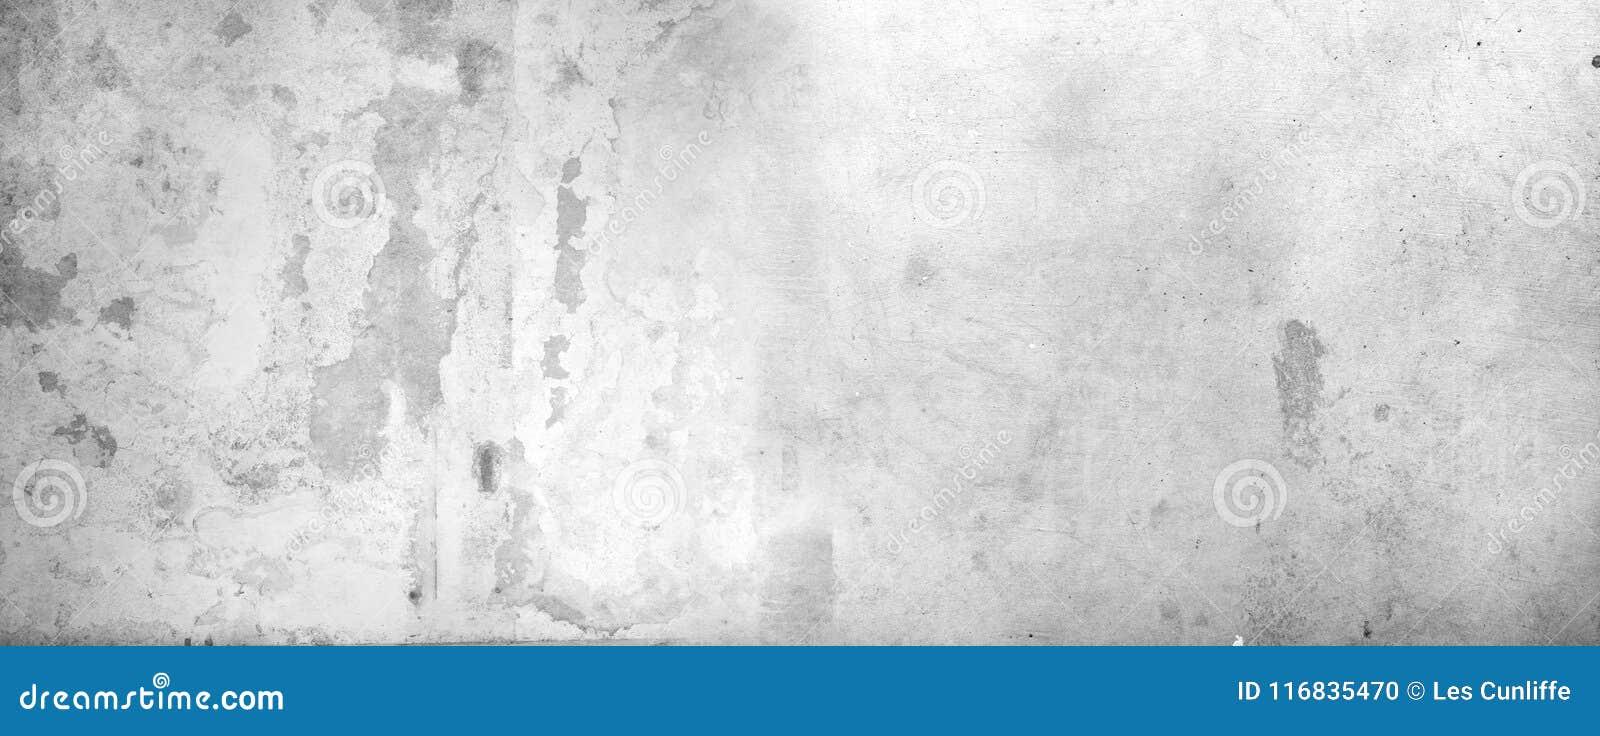 Muro de cemento gris